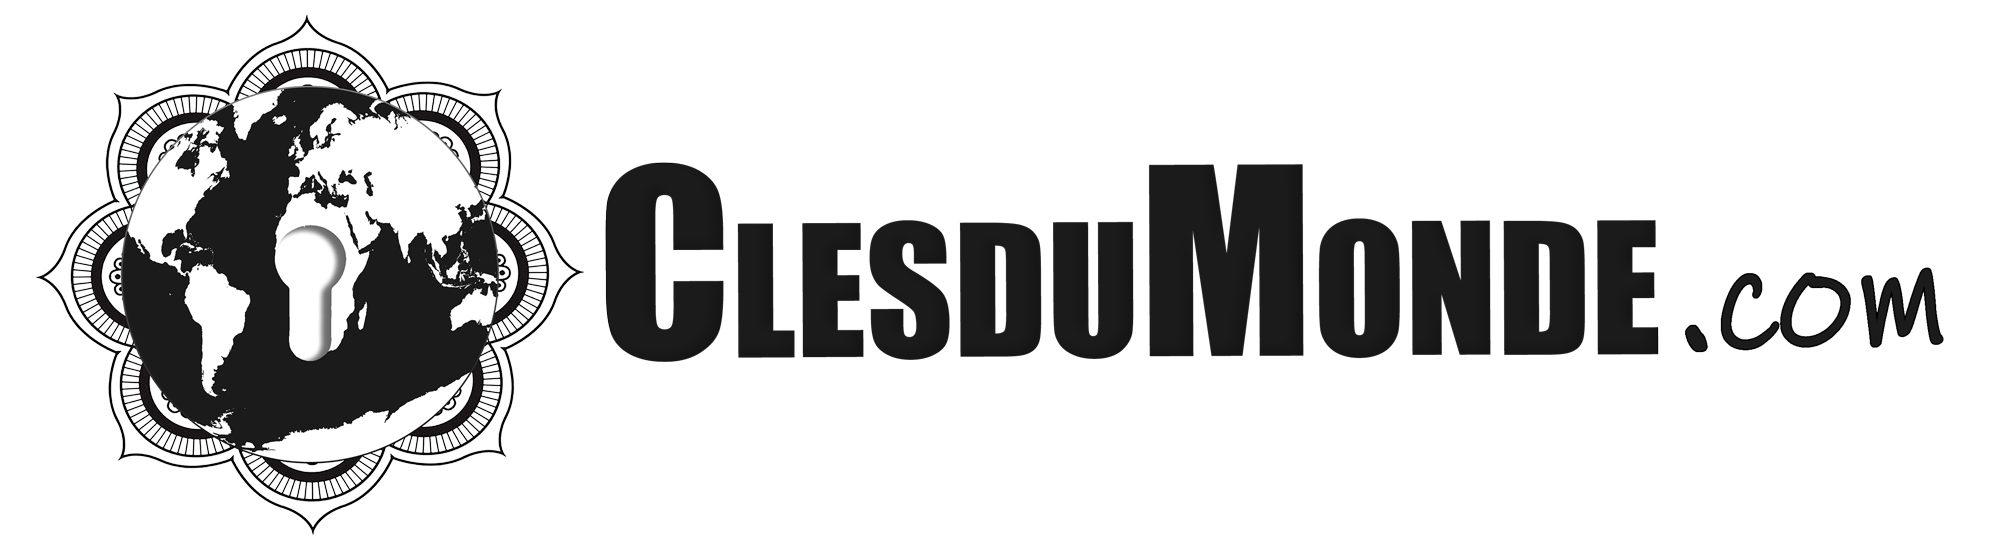 Clesdumonde.com